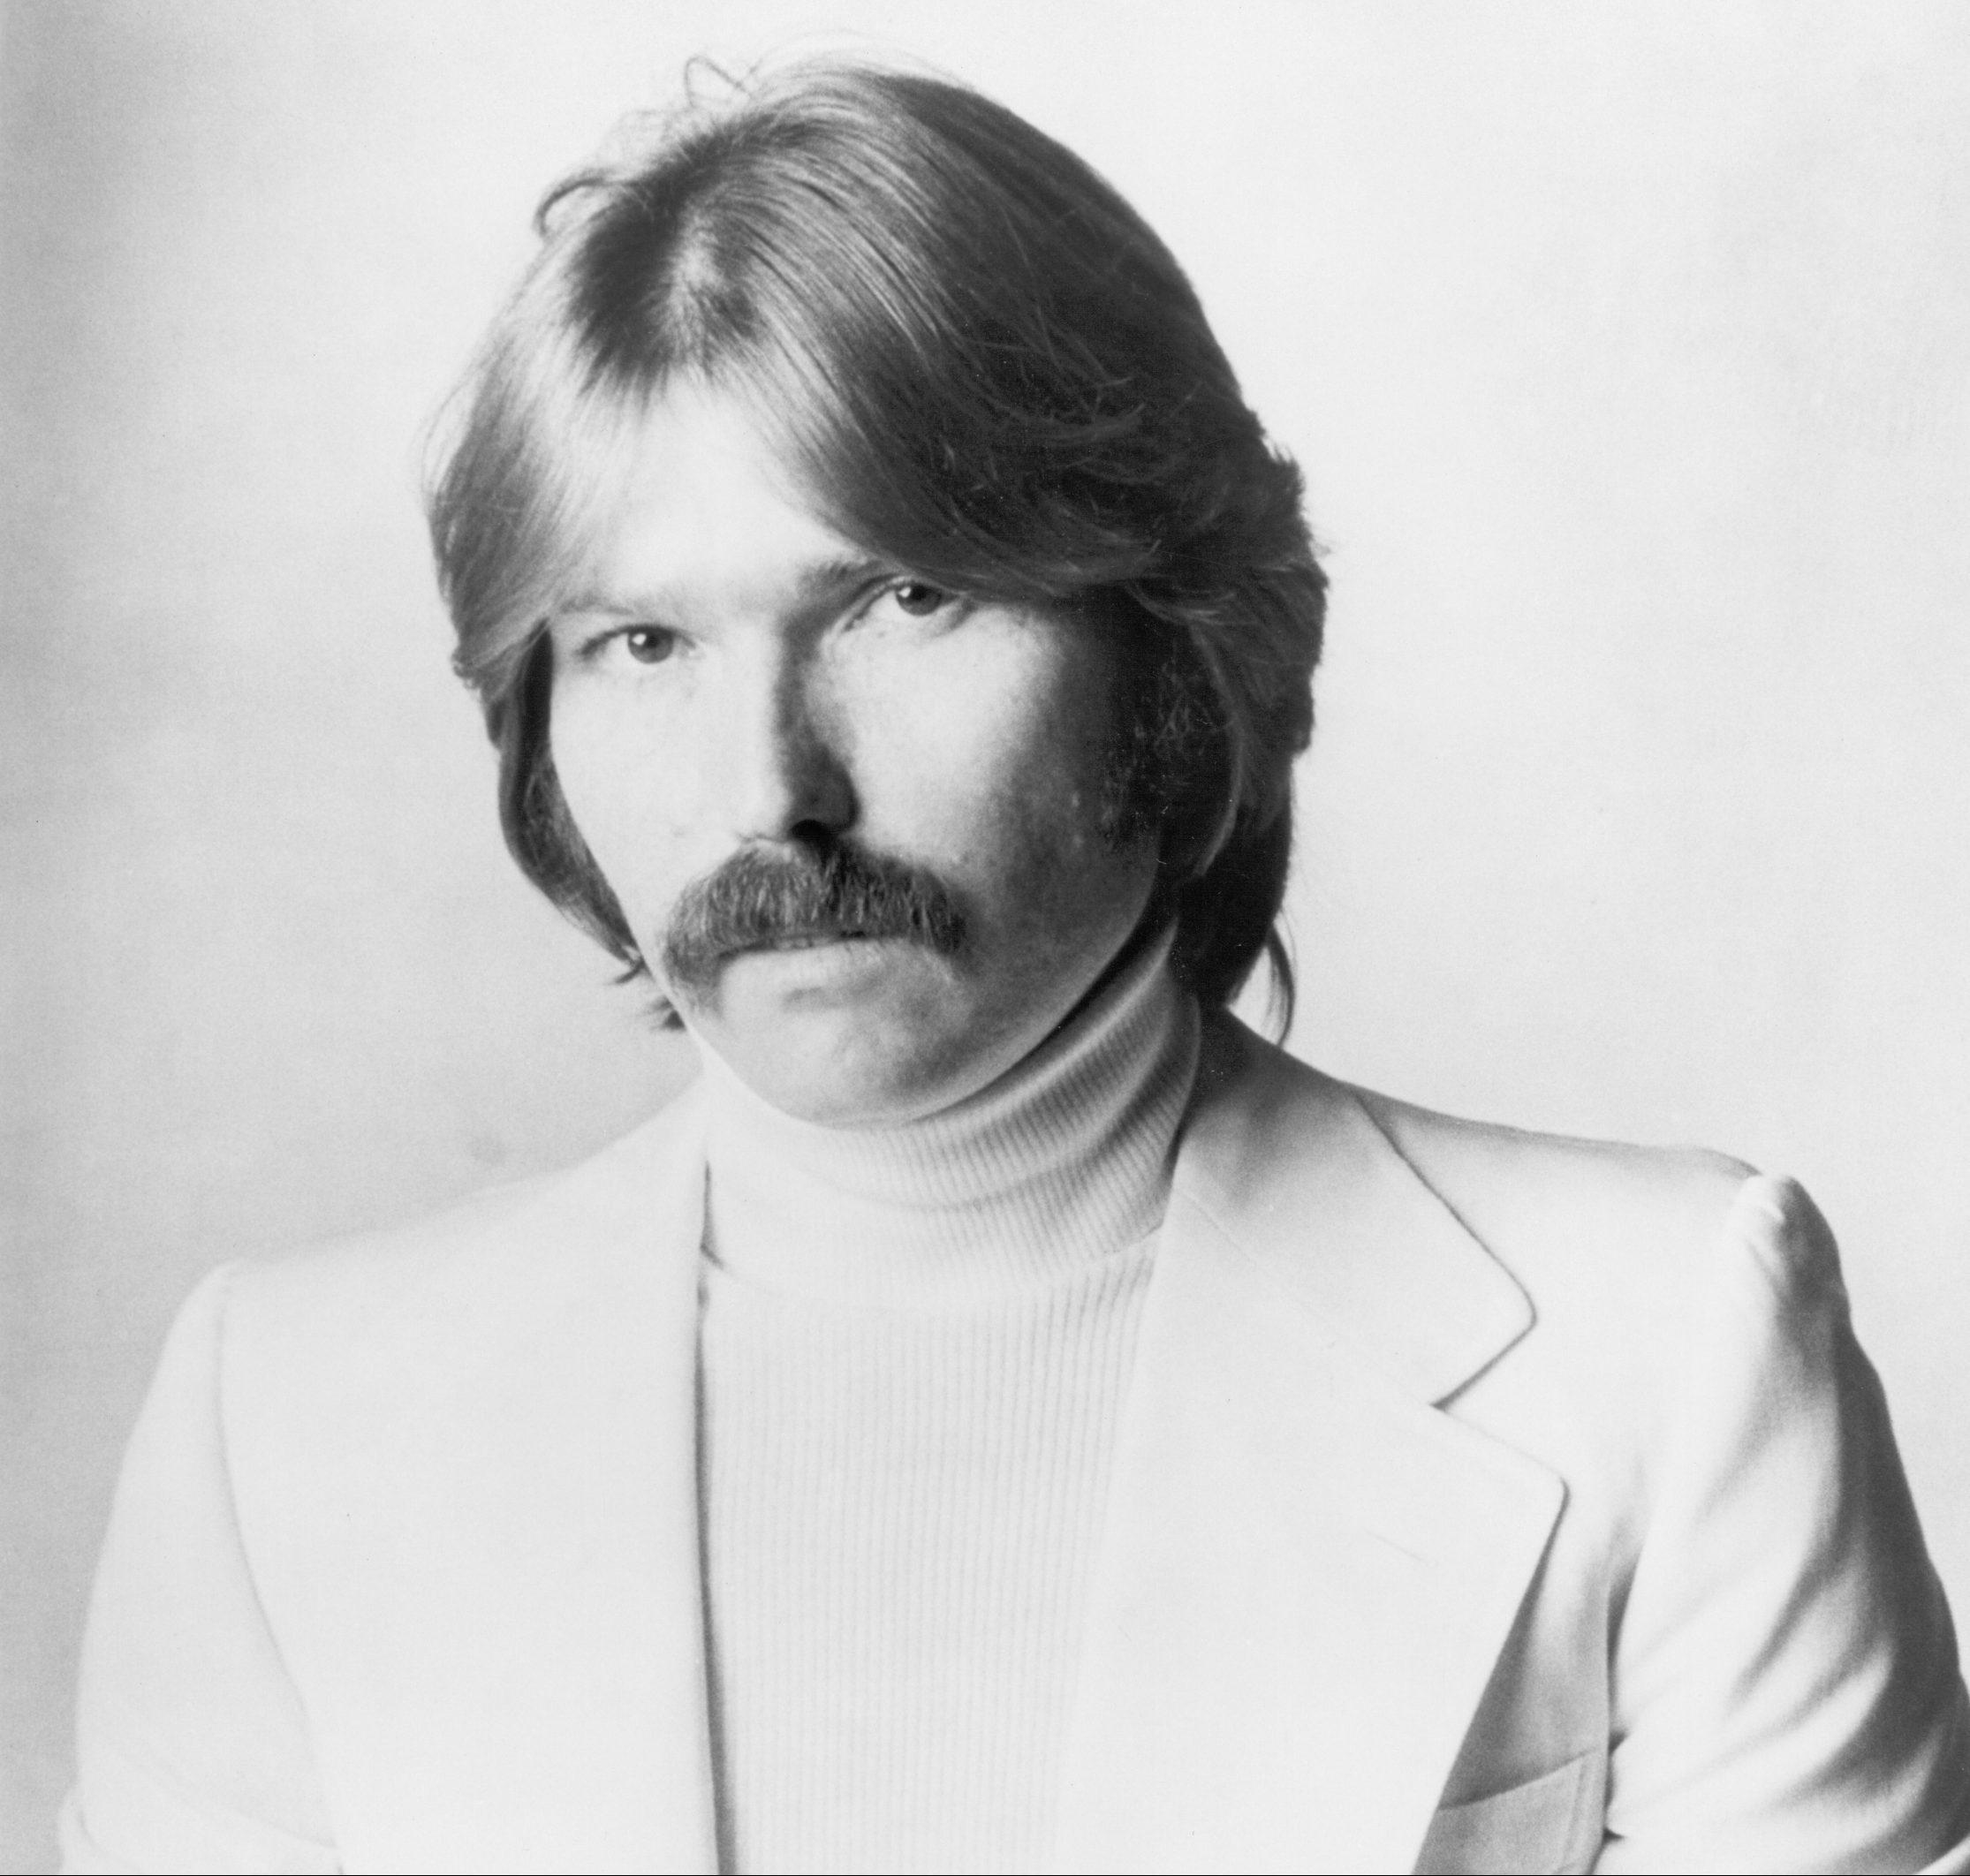 O alvo principal de Manson era, na verdade, o produtor musical Terry Melcher, e não Sharon Tate.